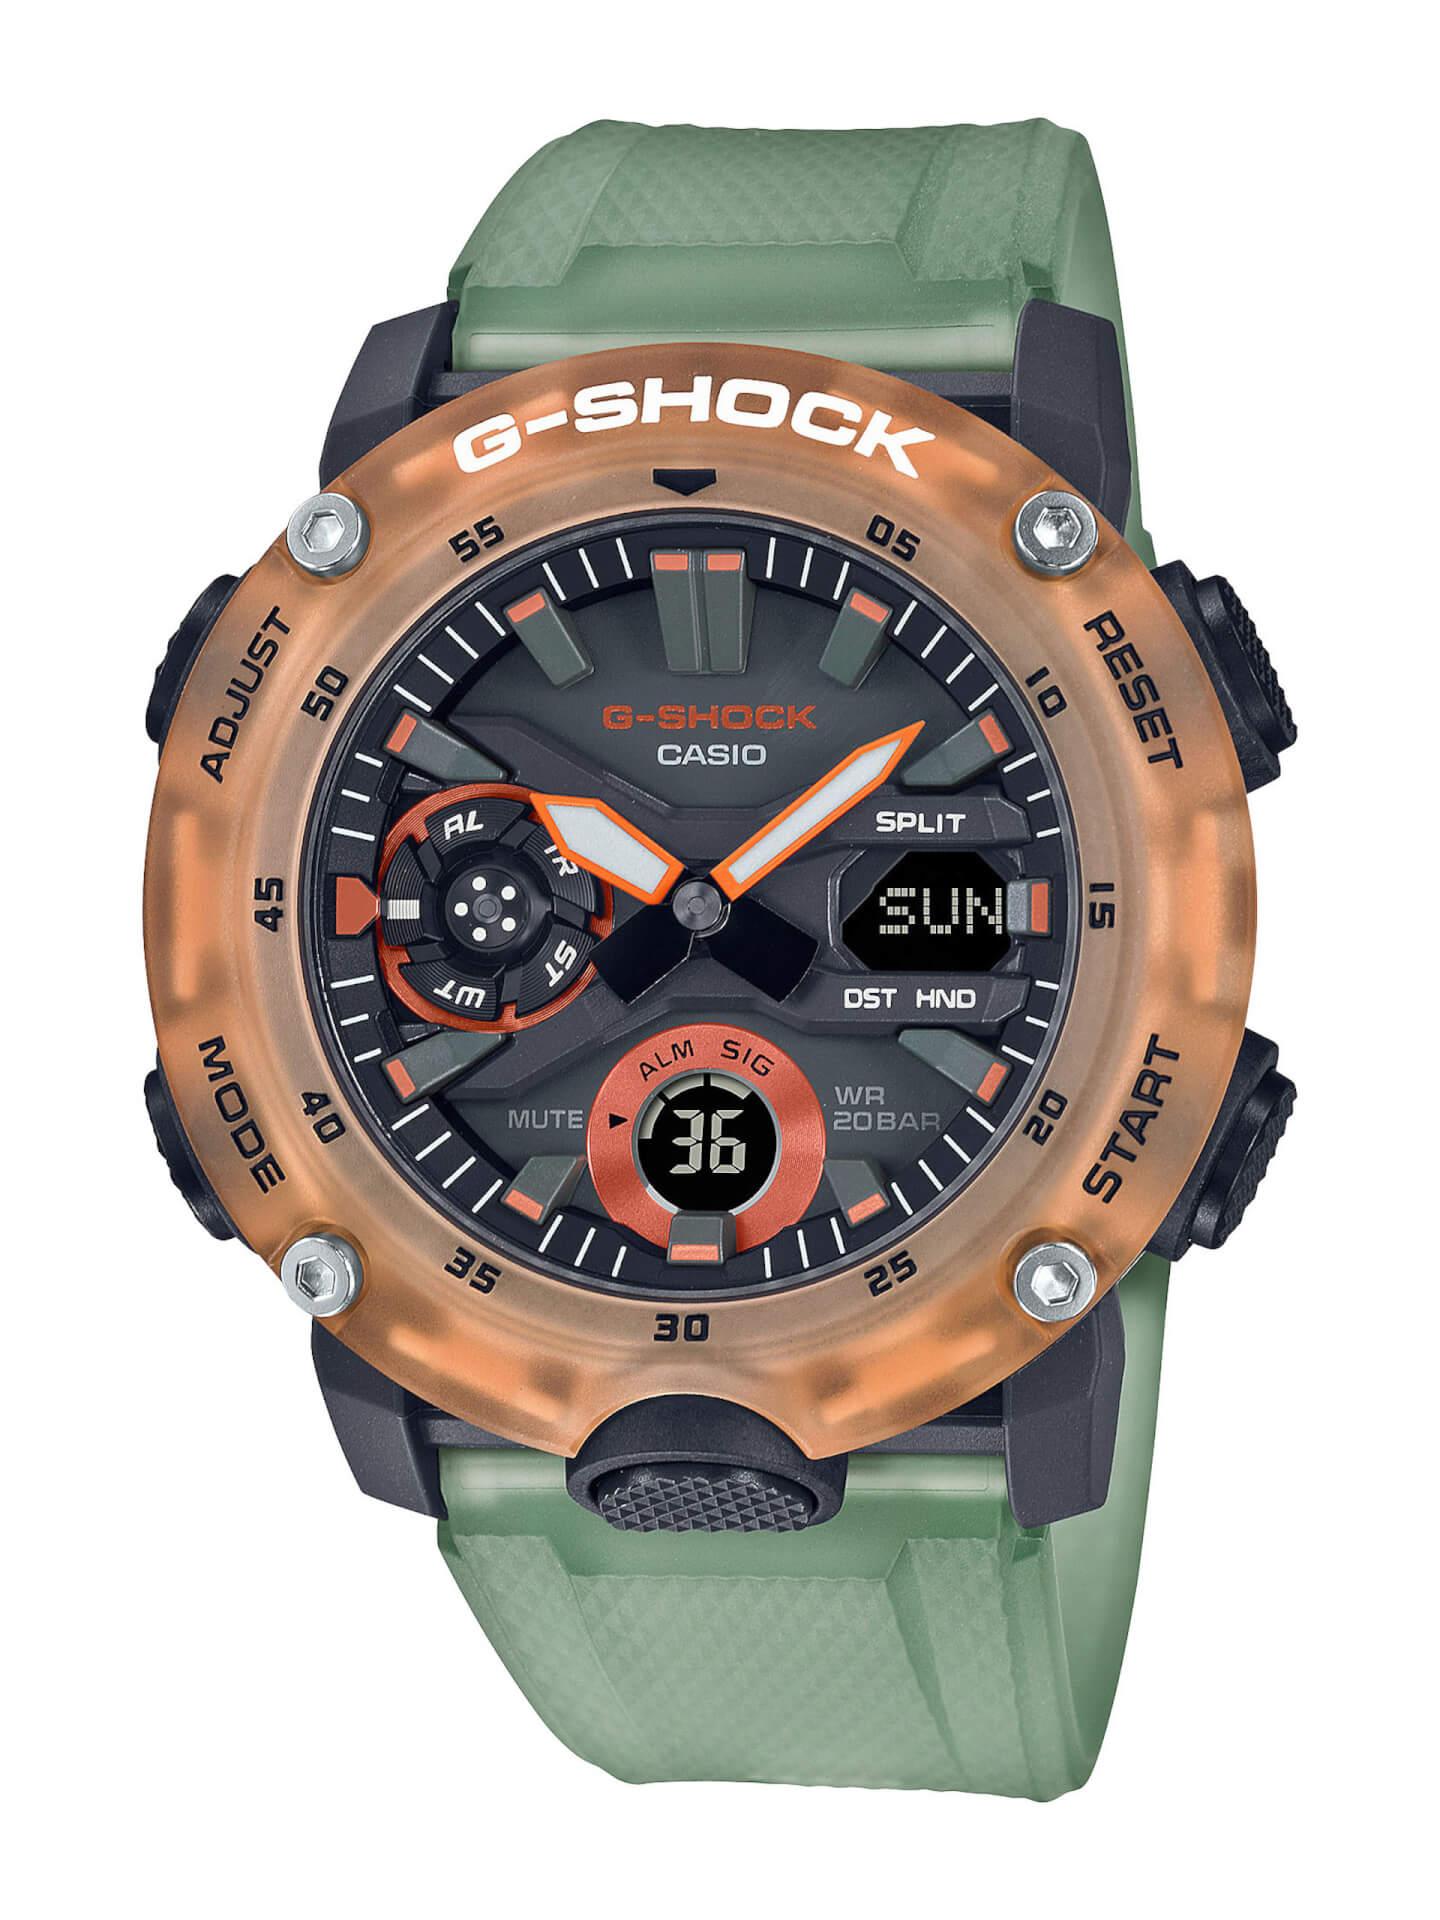 G-SHOCKから「HIDDEN COAST」をテーマにした夏のシーズンカラー登場!GA-2000、GA-2100、GA-900の3種類 tech210507_g_shock_2